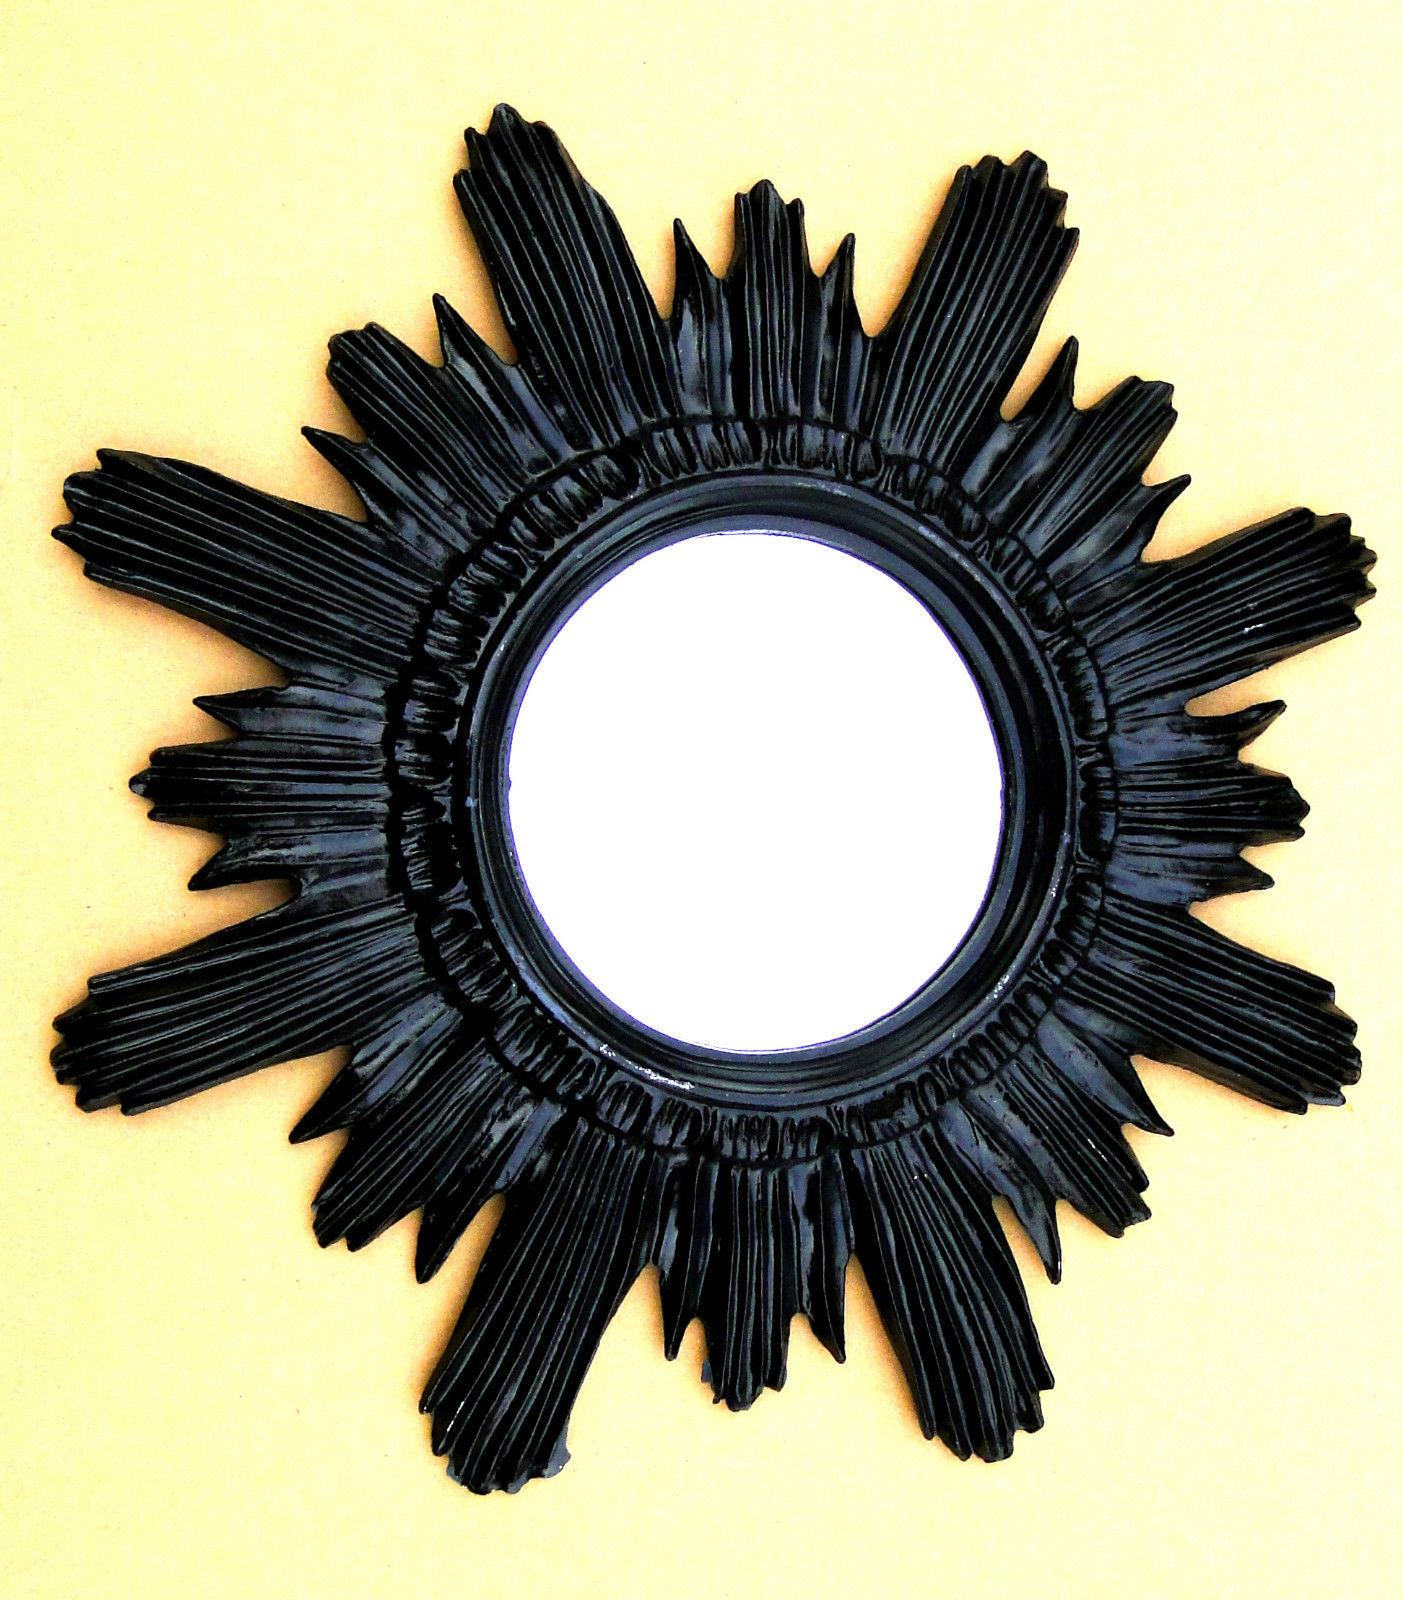 wandspiegel rund schwarz affordable spiegel with wandspiegel rund schwarz interesting. Black Bedroom Furniture Sets. Home Design Ideas